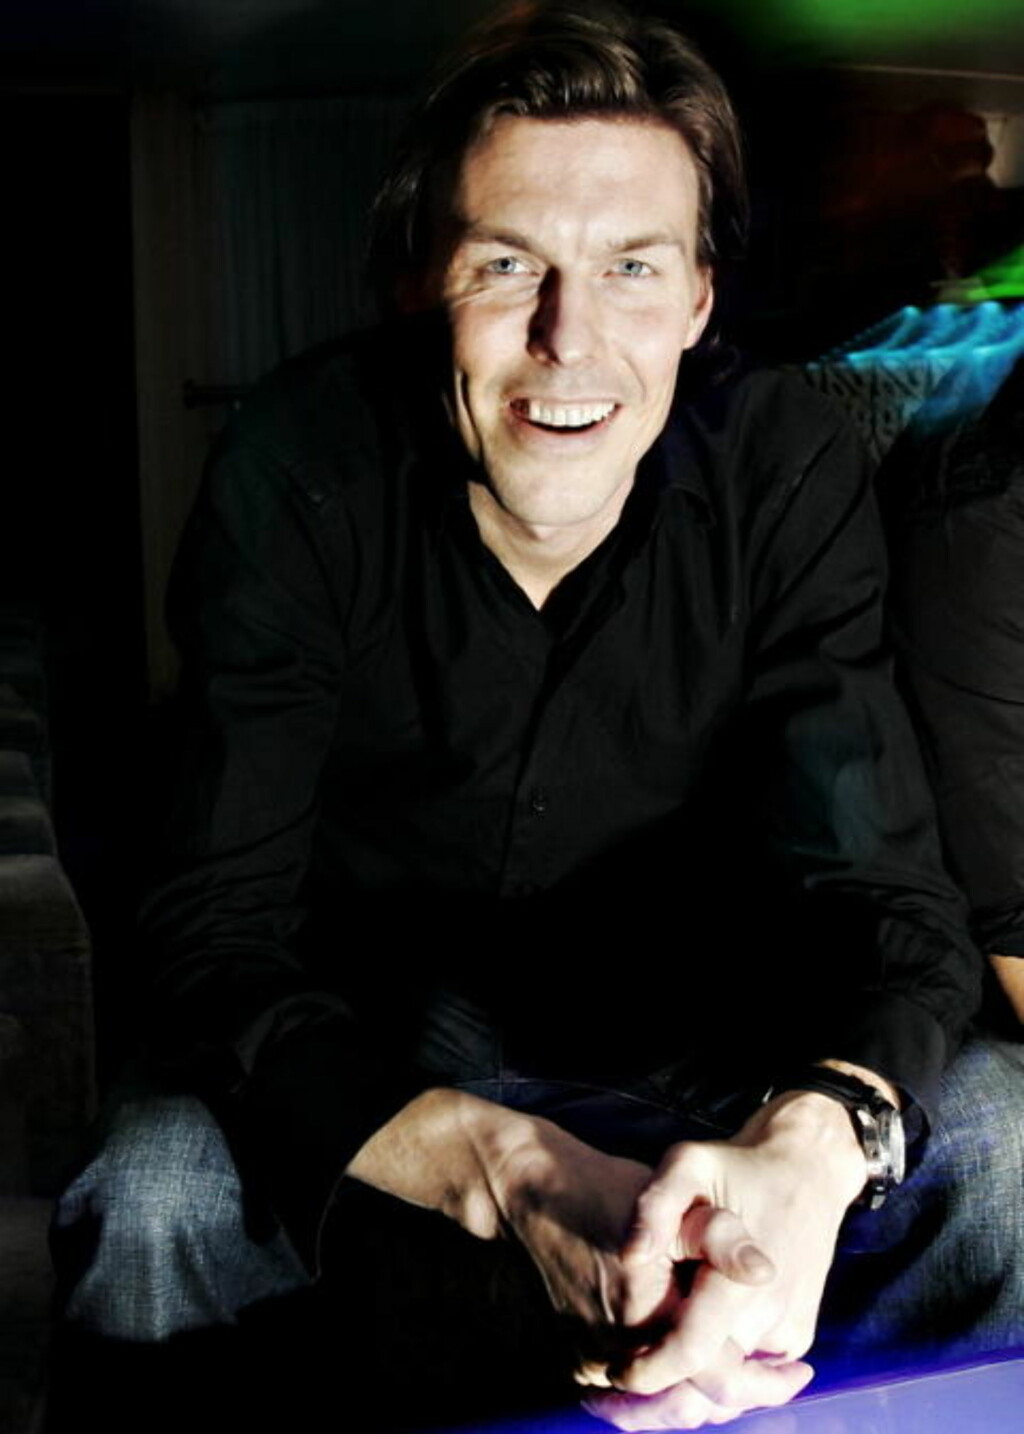 KLAR TALE: Bo Vivike (37) eier en rekke utesteder i Oslo og sier klart i fra hva han mener om klientellet på stedene. Her er han på klubben Stravinsky  i Rozenkrantzgate Foto: Frank Karlsen / Dagbladet